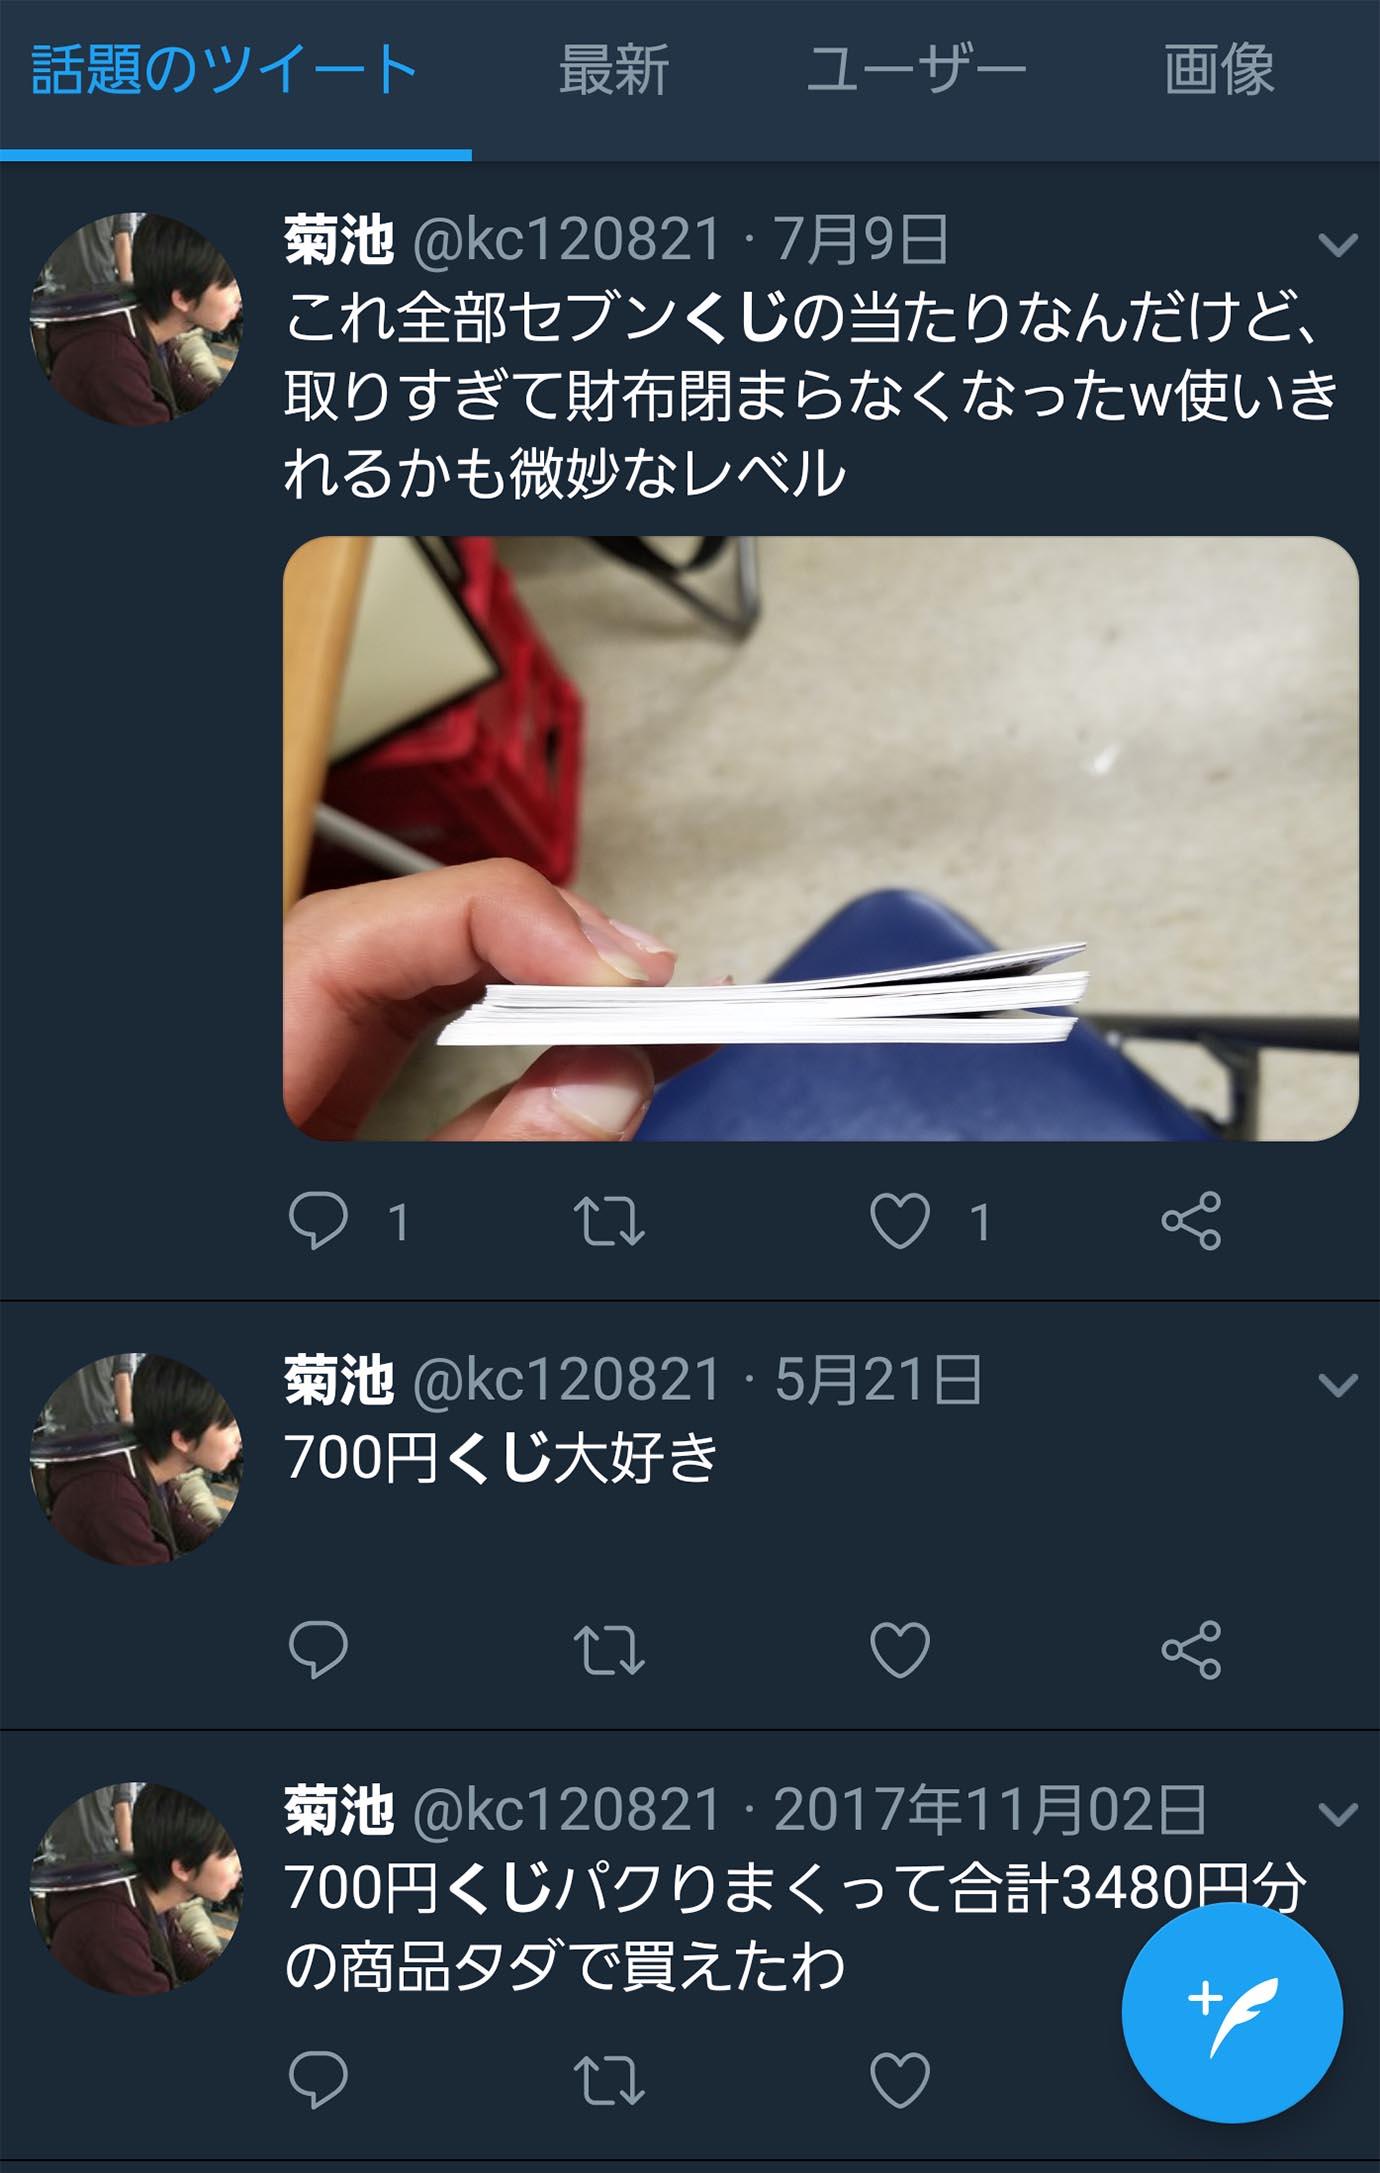 711kuji4